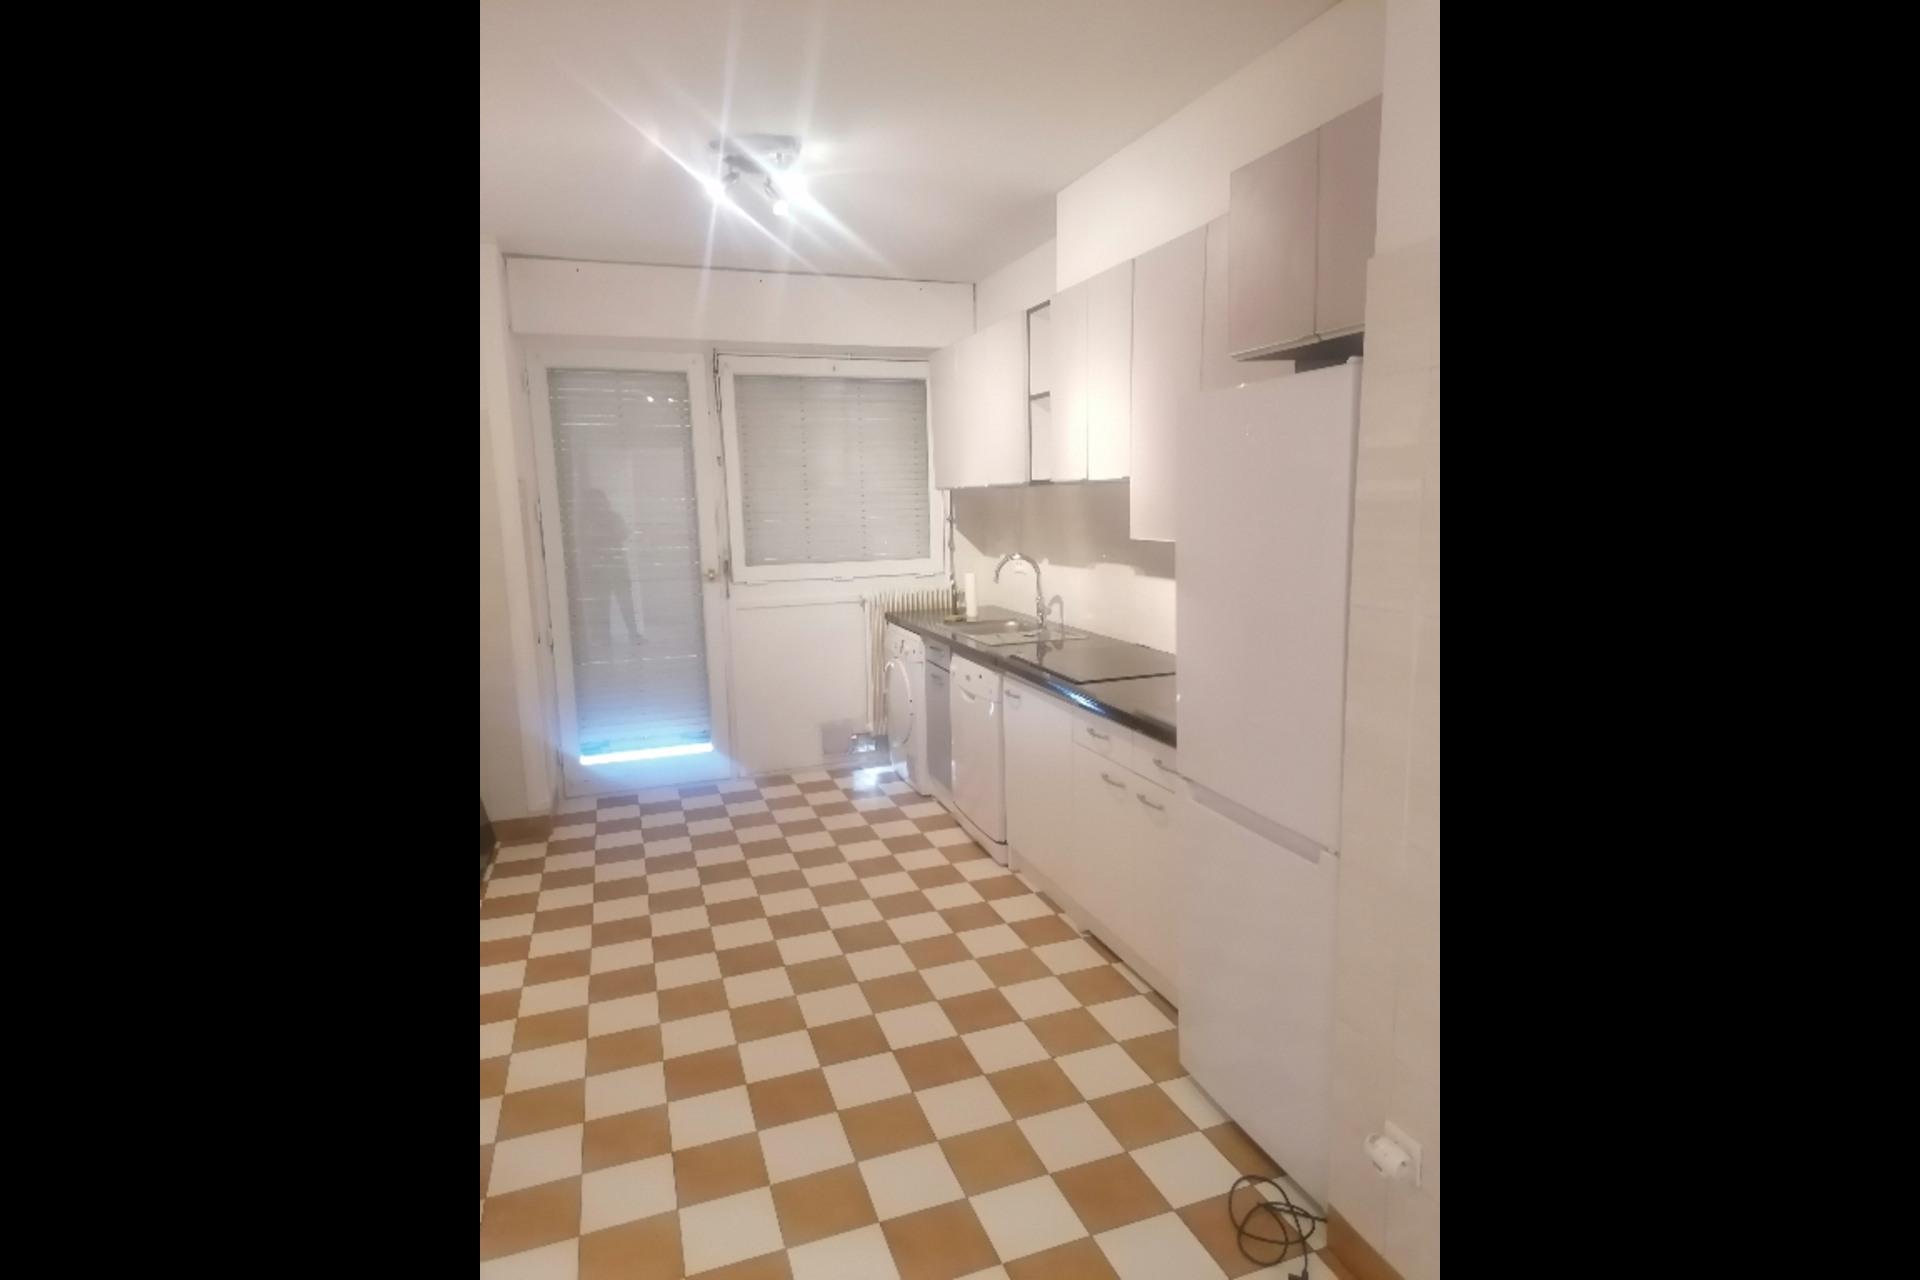 image 6 - Apartment For rent saint germain en laye - 5 rooms